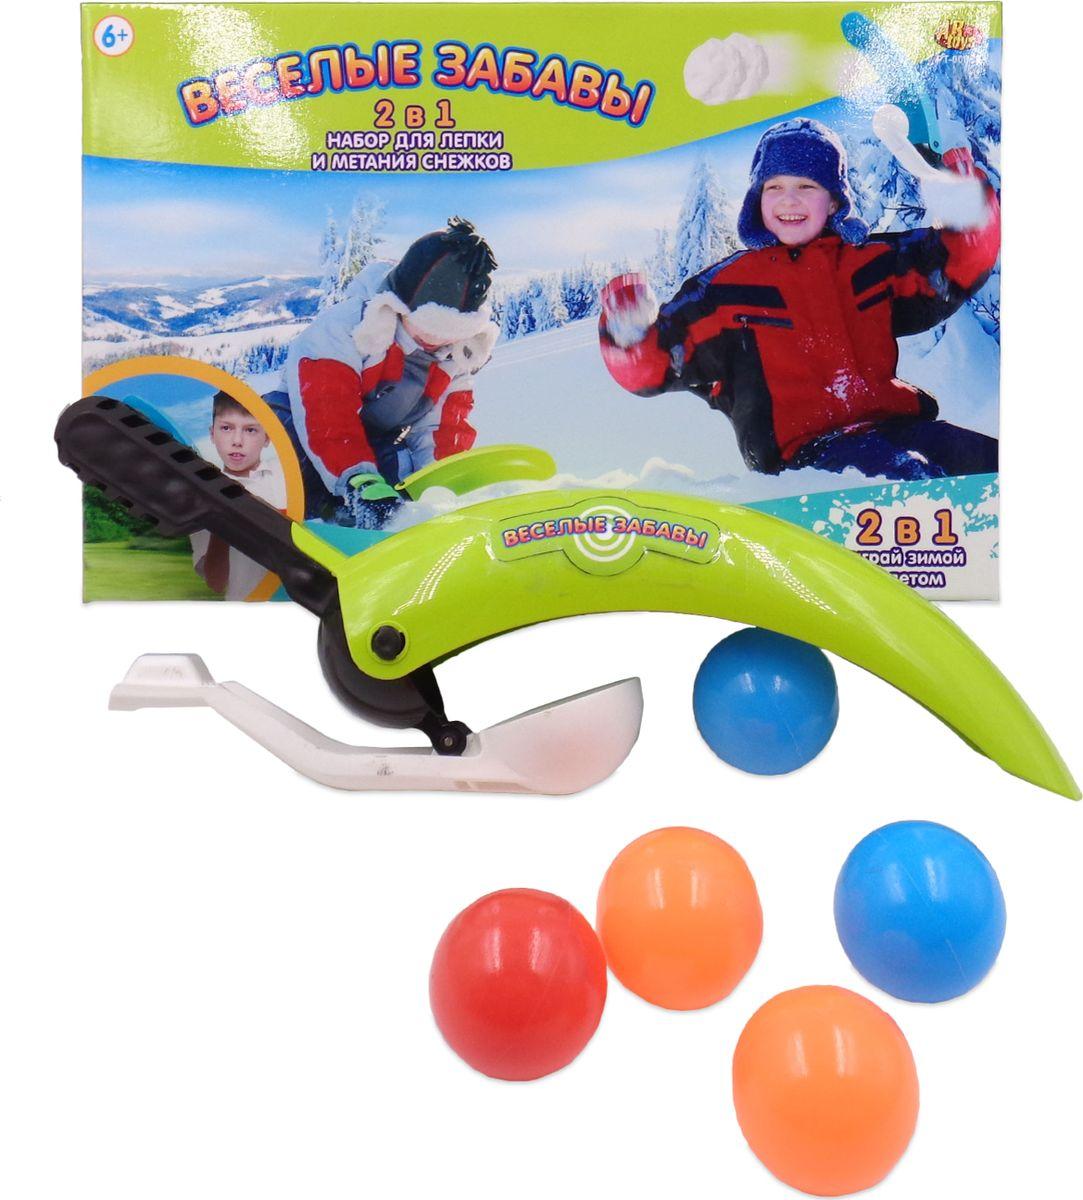 Веселые забавы Набор для лепки и метания снежков 2 в 1 форма для лепки снежков abtoys форма тройная для лепки снежков зимние забавы